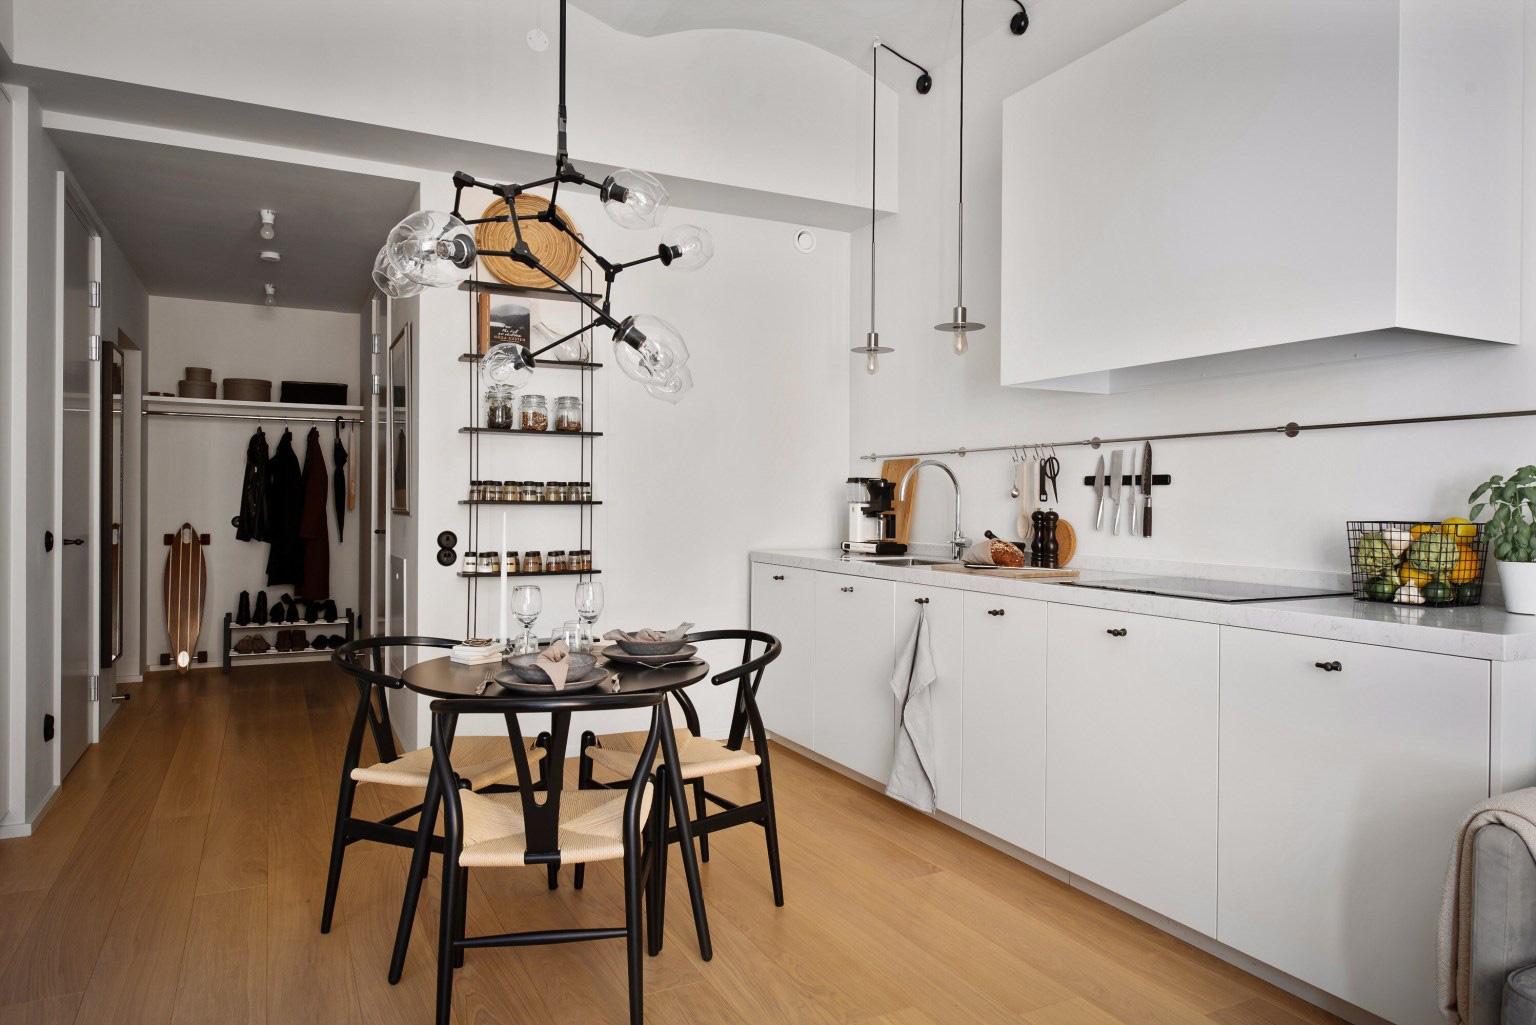 Góc bếp được tận dụng bố trí ở khoảng tường chạy dọc từ lối vào đến phòng khách. Hệ tủ dưới màu trắng được thiết lập giúp không gian trở nên gọn gàng khi lưu trữ đồ đạc bên trong.